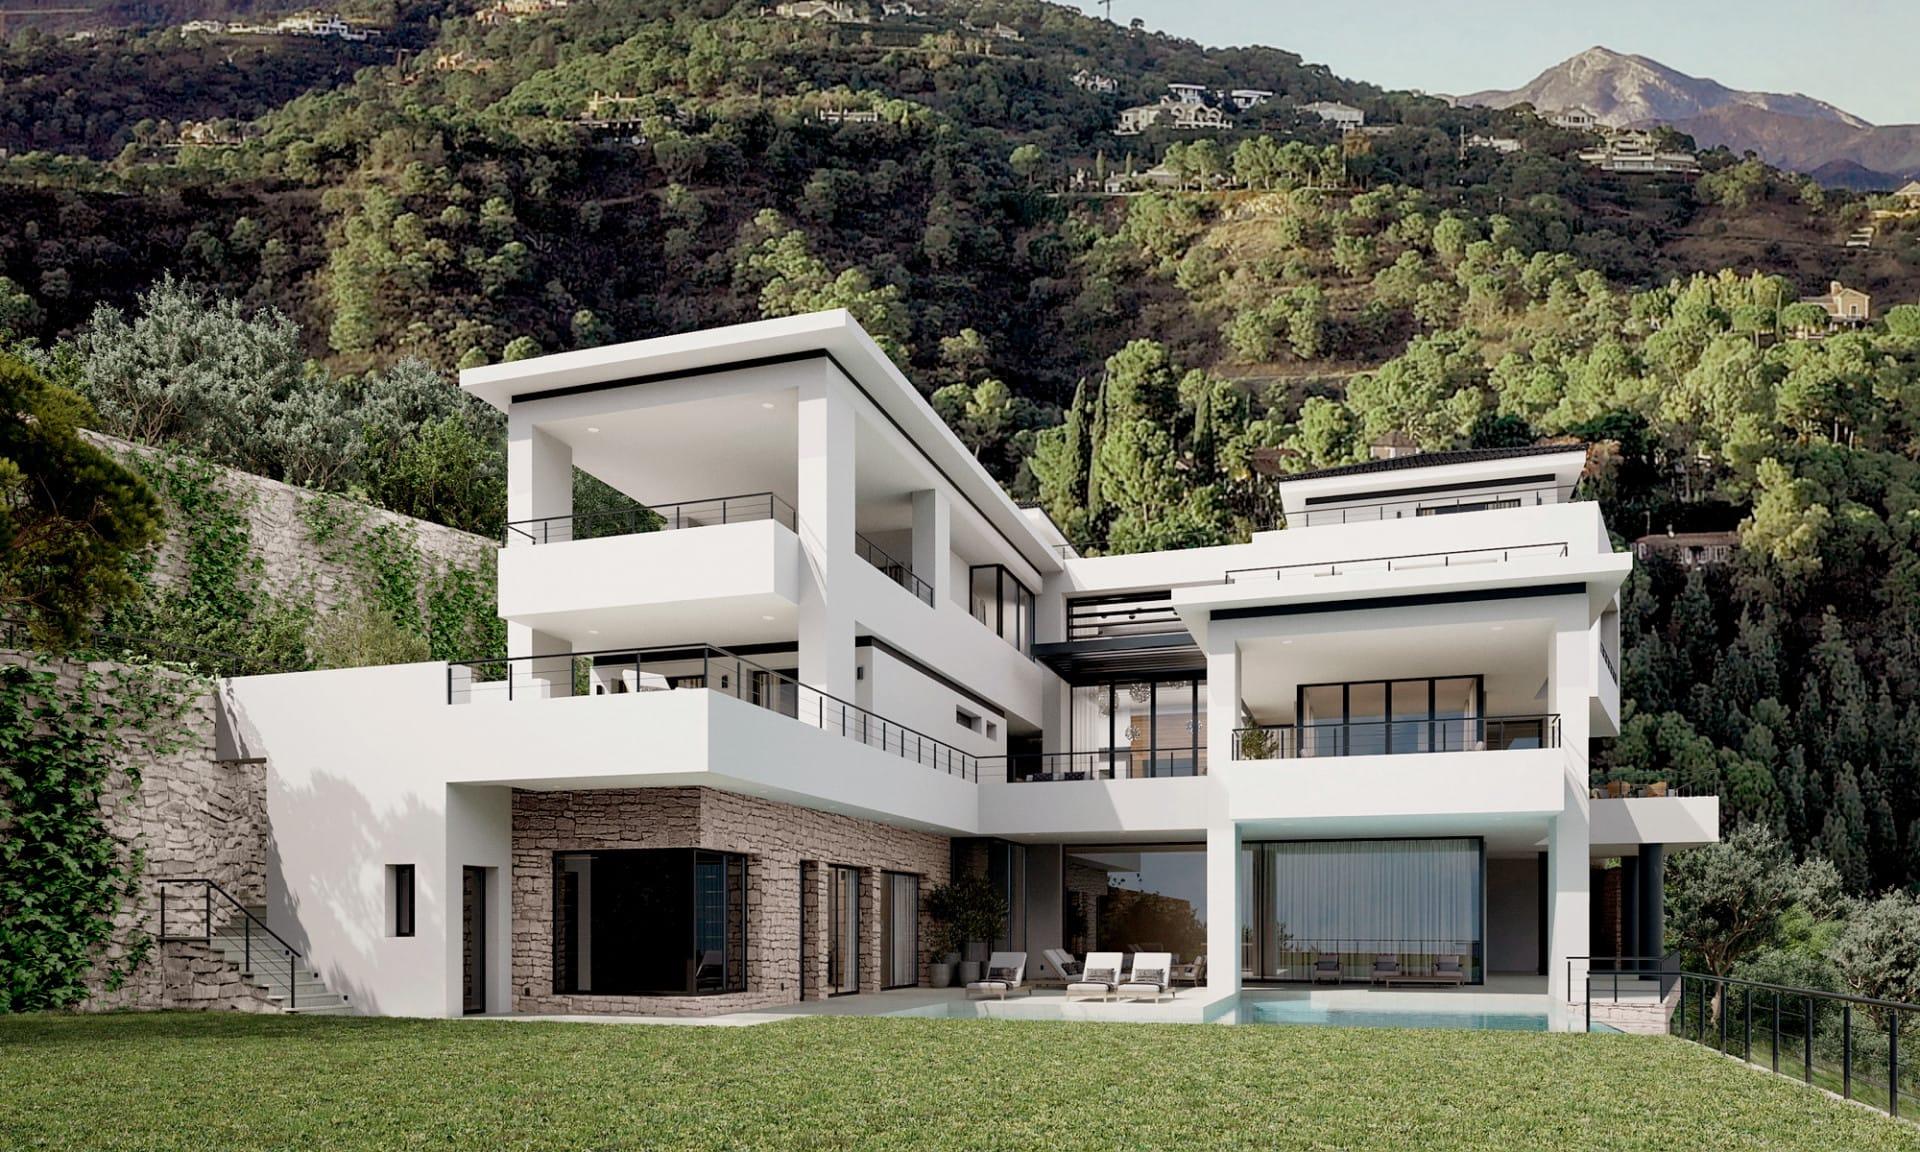 Taxes et coûts d'achat pour acheter une propriété à Marbella, Espagne